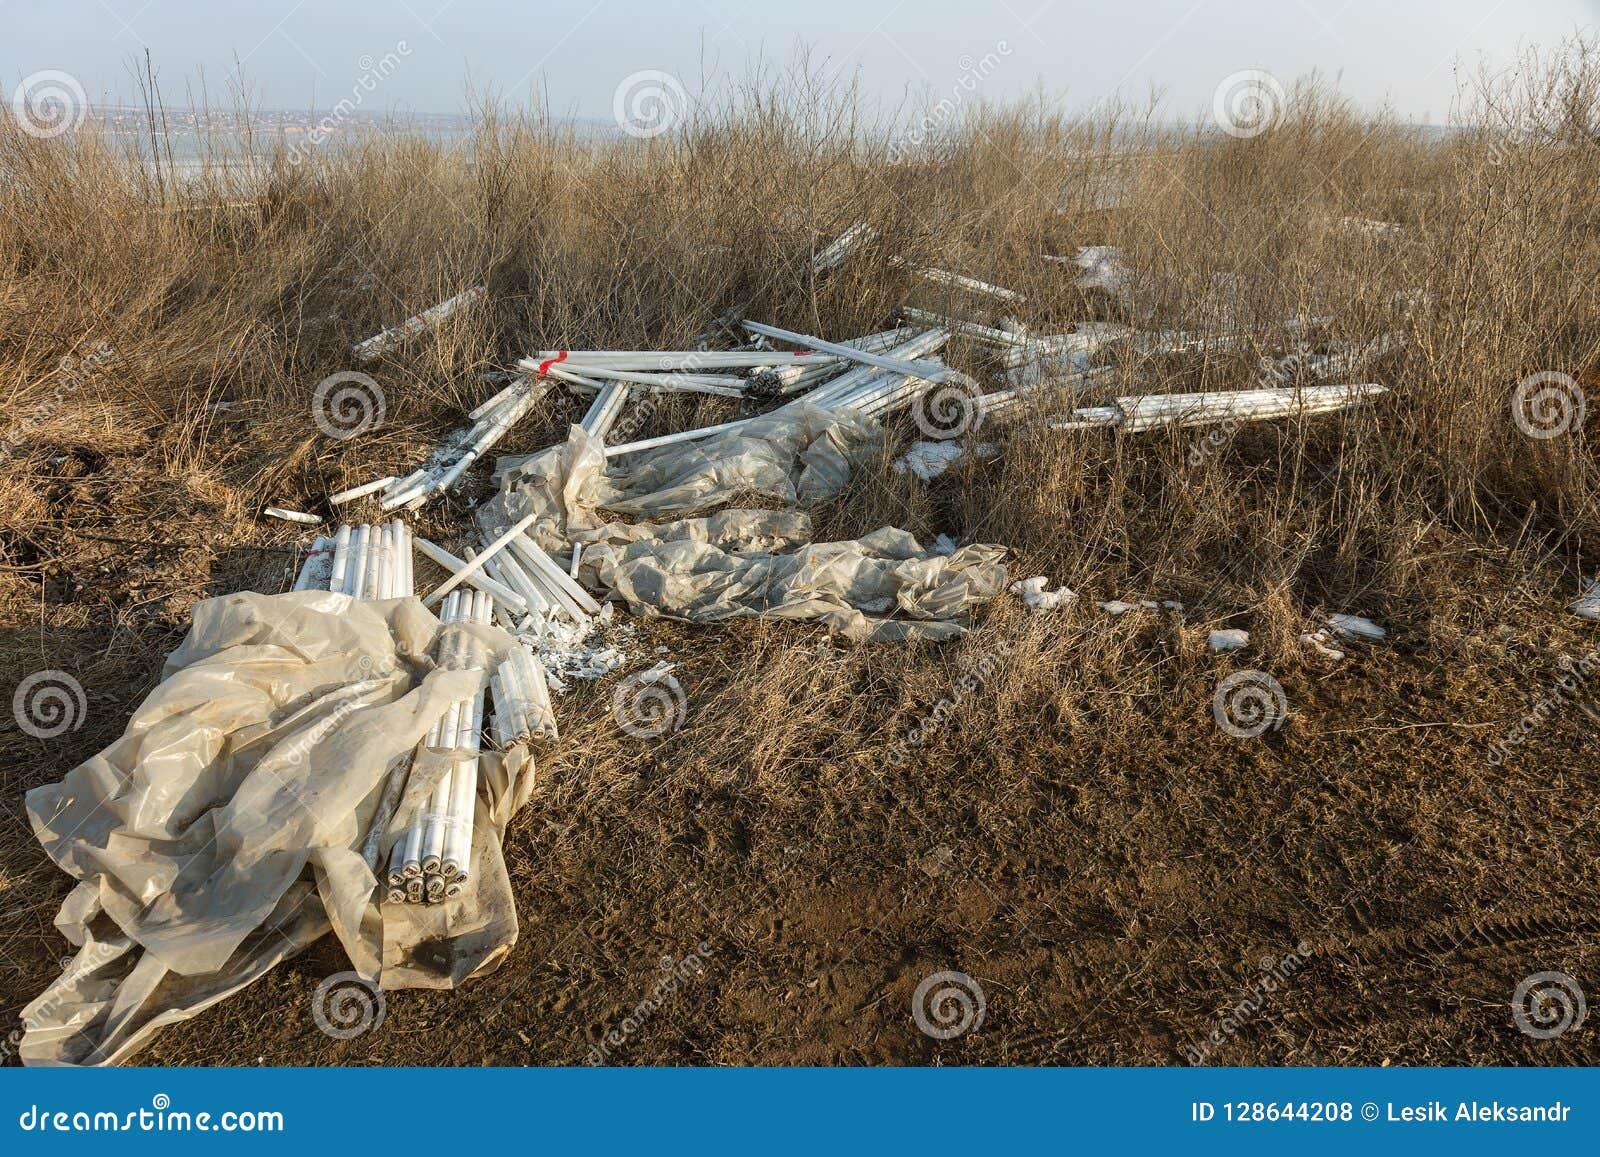 Ecologisch probleem, ramp Misdadige verwijdering van fluorescente kwiklampen, e-Afval ecologische crisisfoto Ecologische misdaad